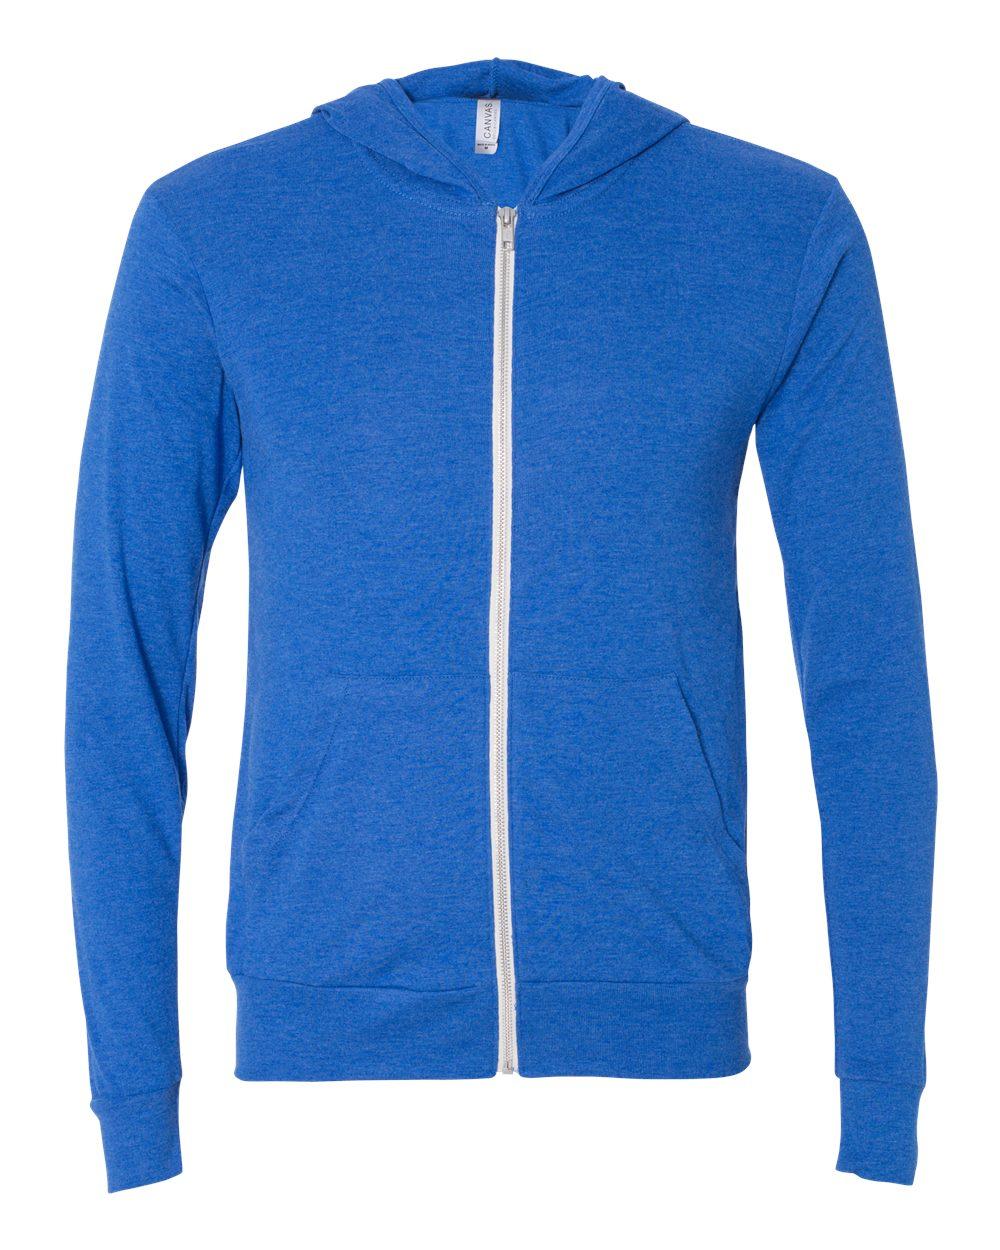 Bella-Canvas-Unisex-Triblend-Lightweight-Hooded-Full-Zip-T-Shirt-3939-upto-2XL thumbnail 36